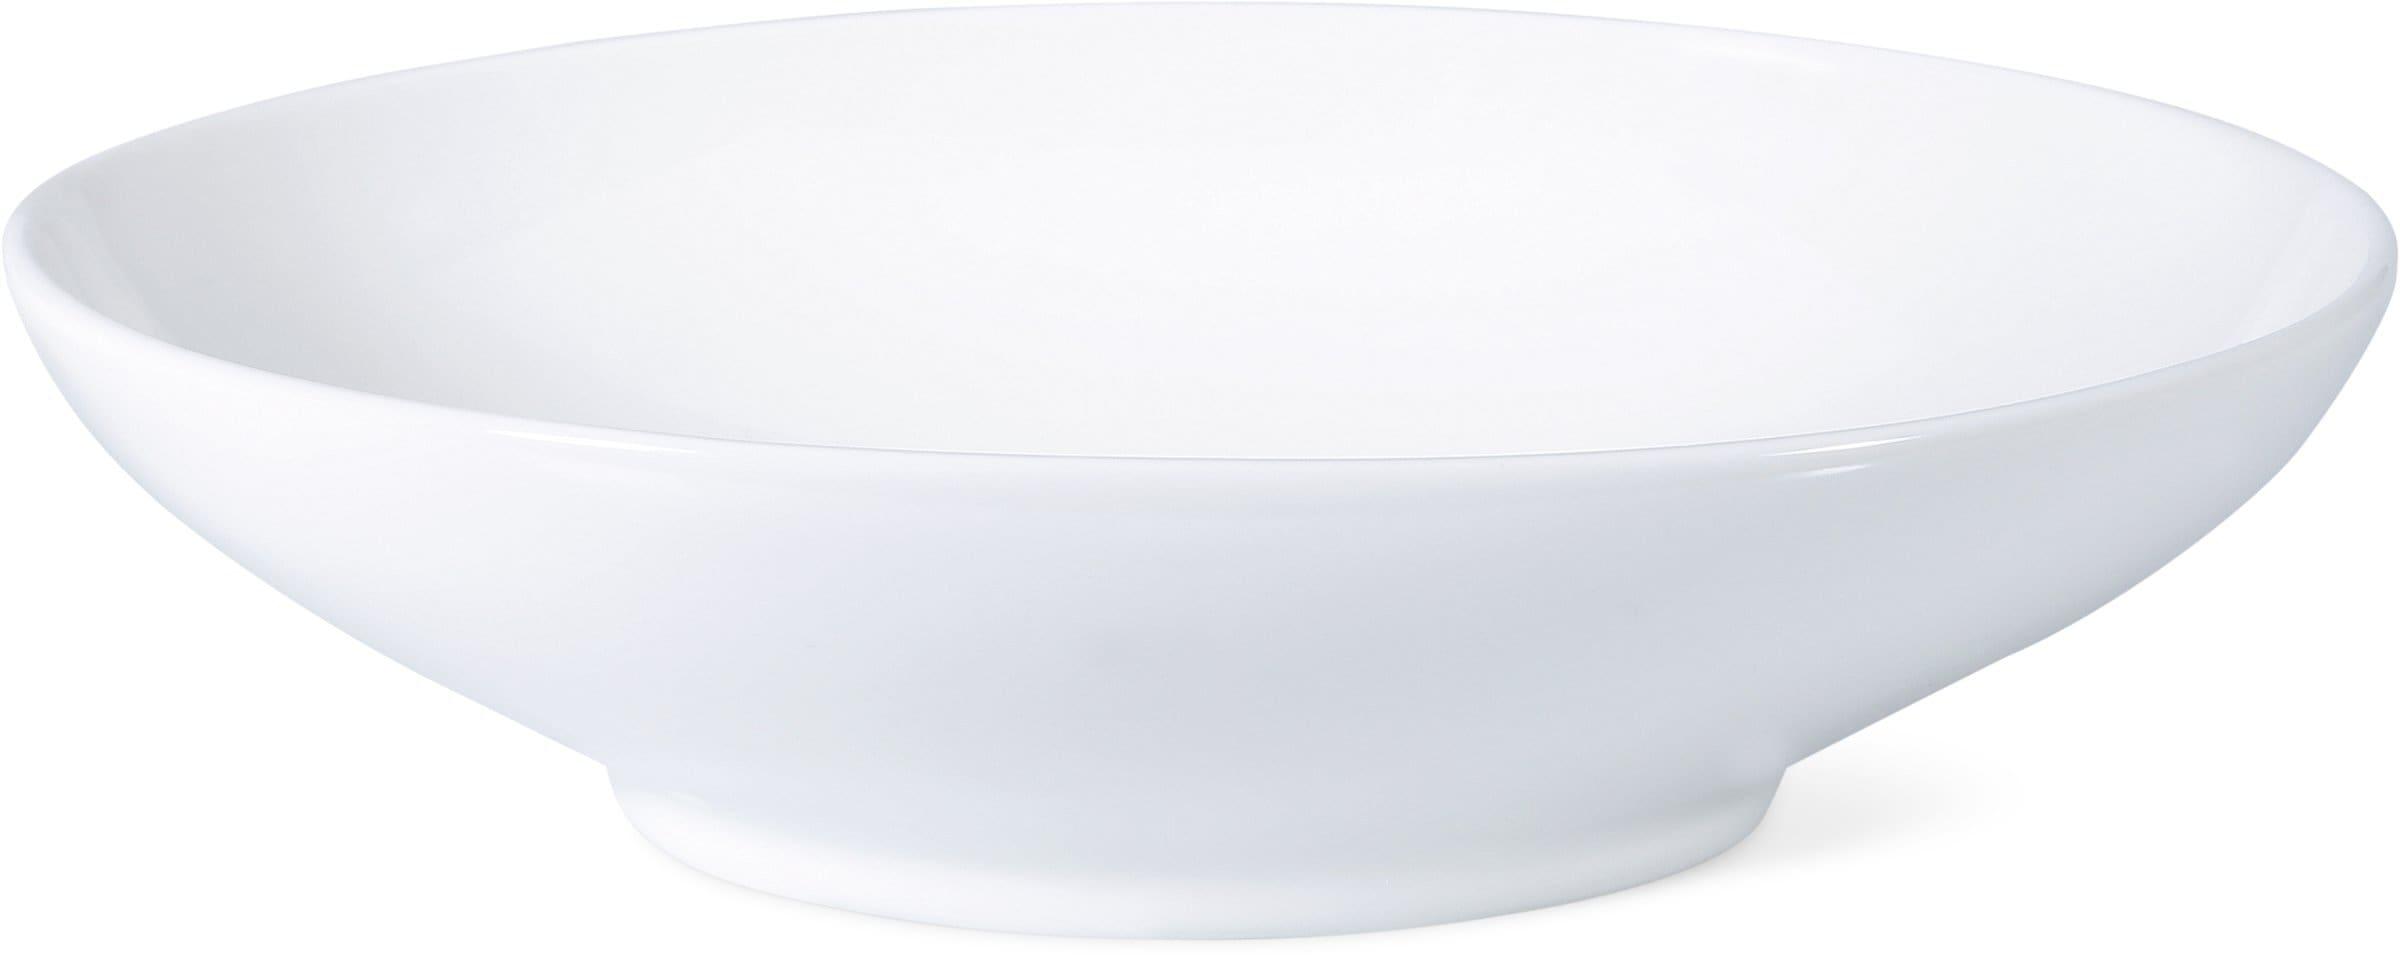 Cucina & Tavola PURE Assiette creuse